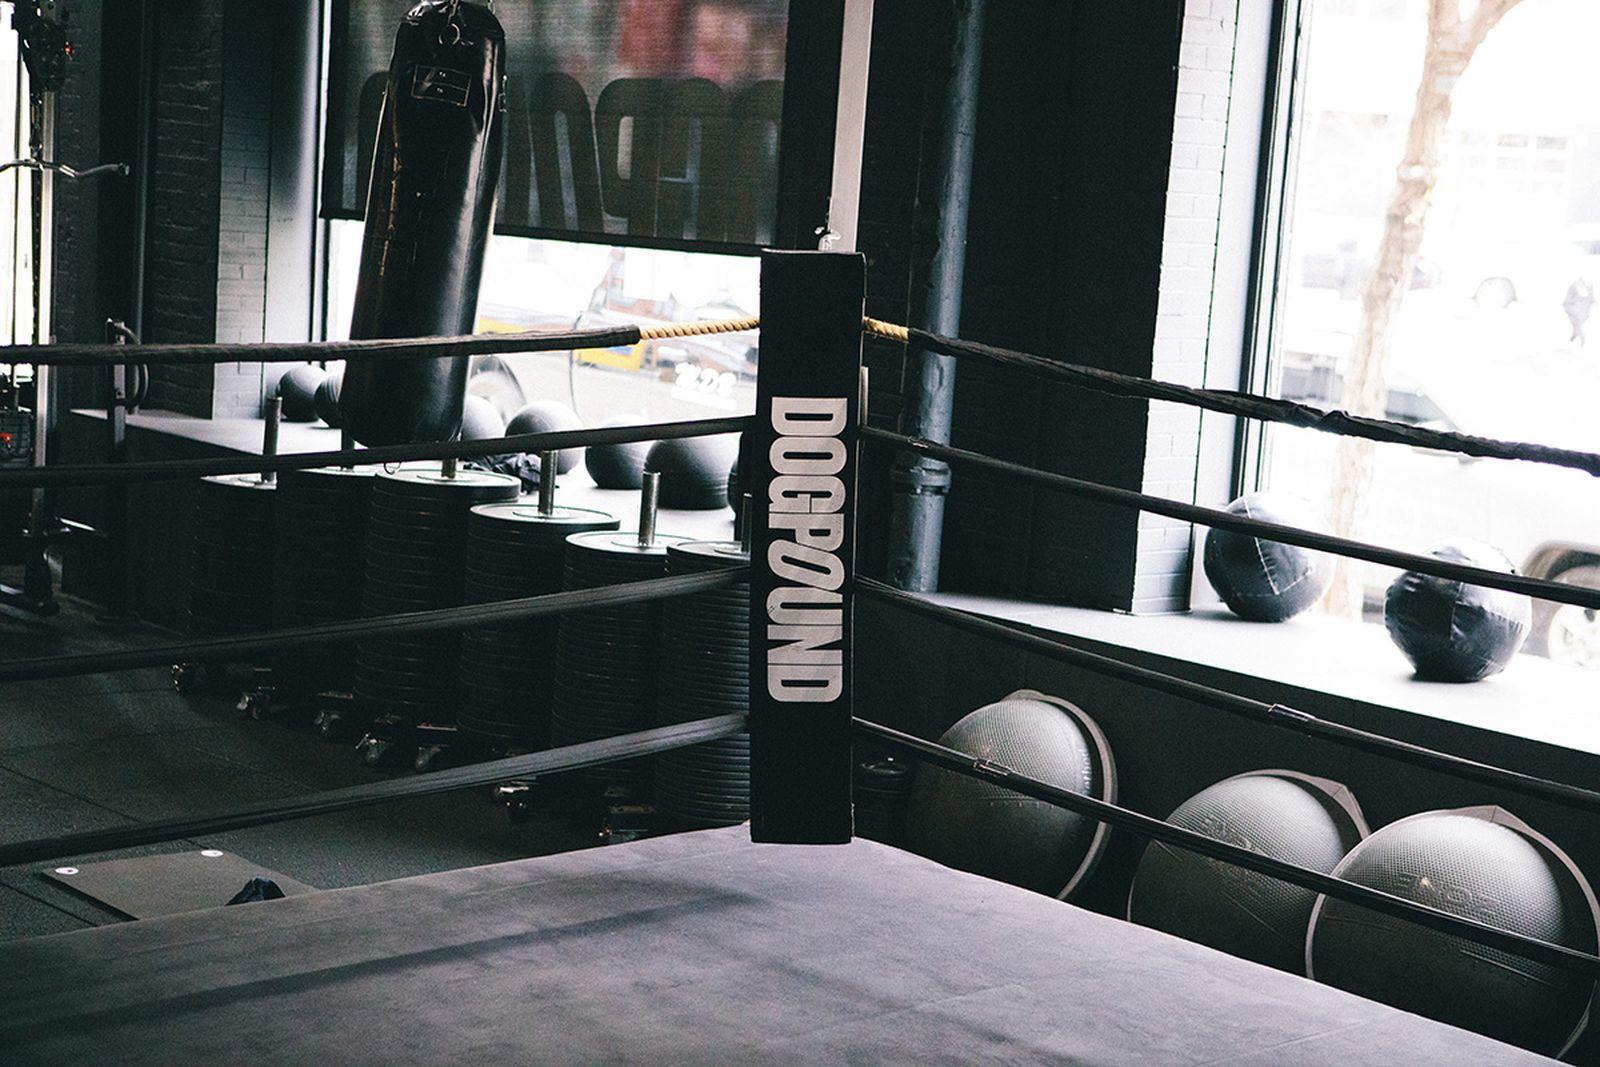 dogpound-gym-nyc-04